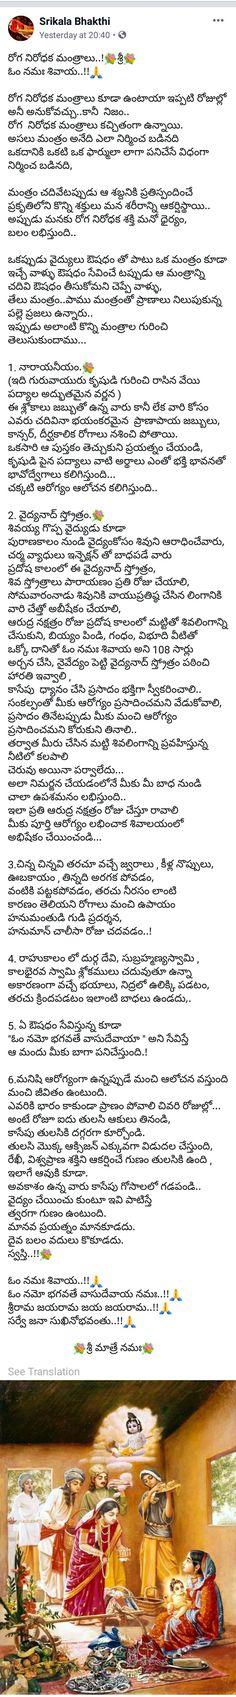 Hindu Quotes, Telugu Inspirational Quotes, Vedic Mantras, Hindu Mantras, Devotional Quotes, Daily Devotional, Ayurveda, Hindu Vedas, Geeta Quotes